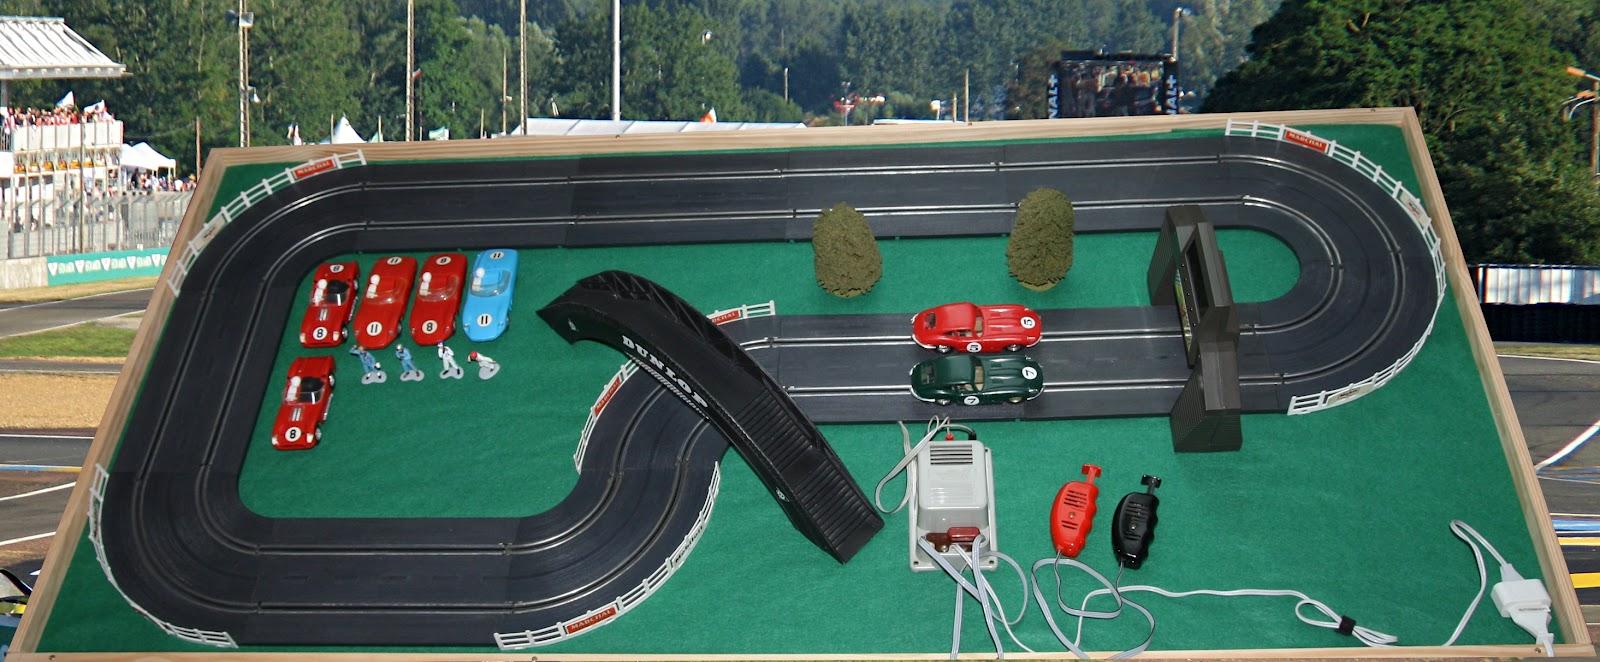 circuits routiers d 39 antan circuit 24 circuit sur plateau et voitures. Black Bedroom Furniture Sets. Home Design Ideas